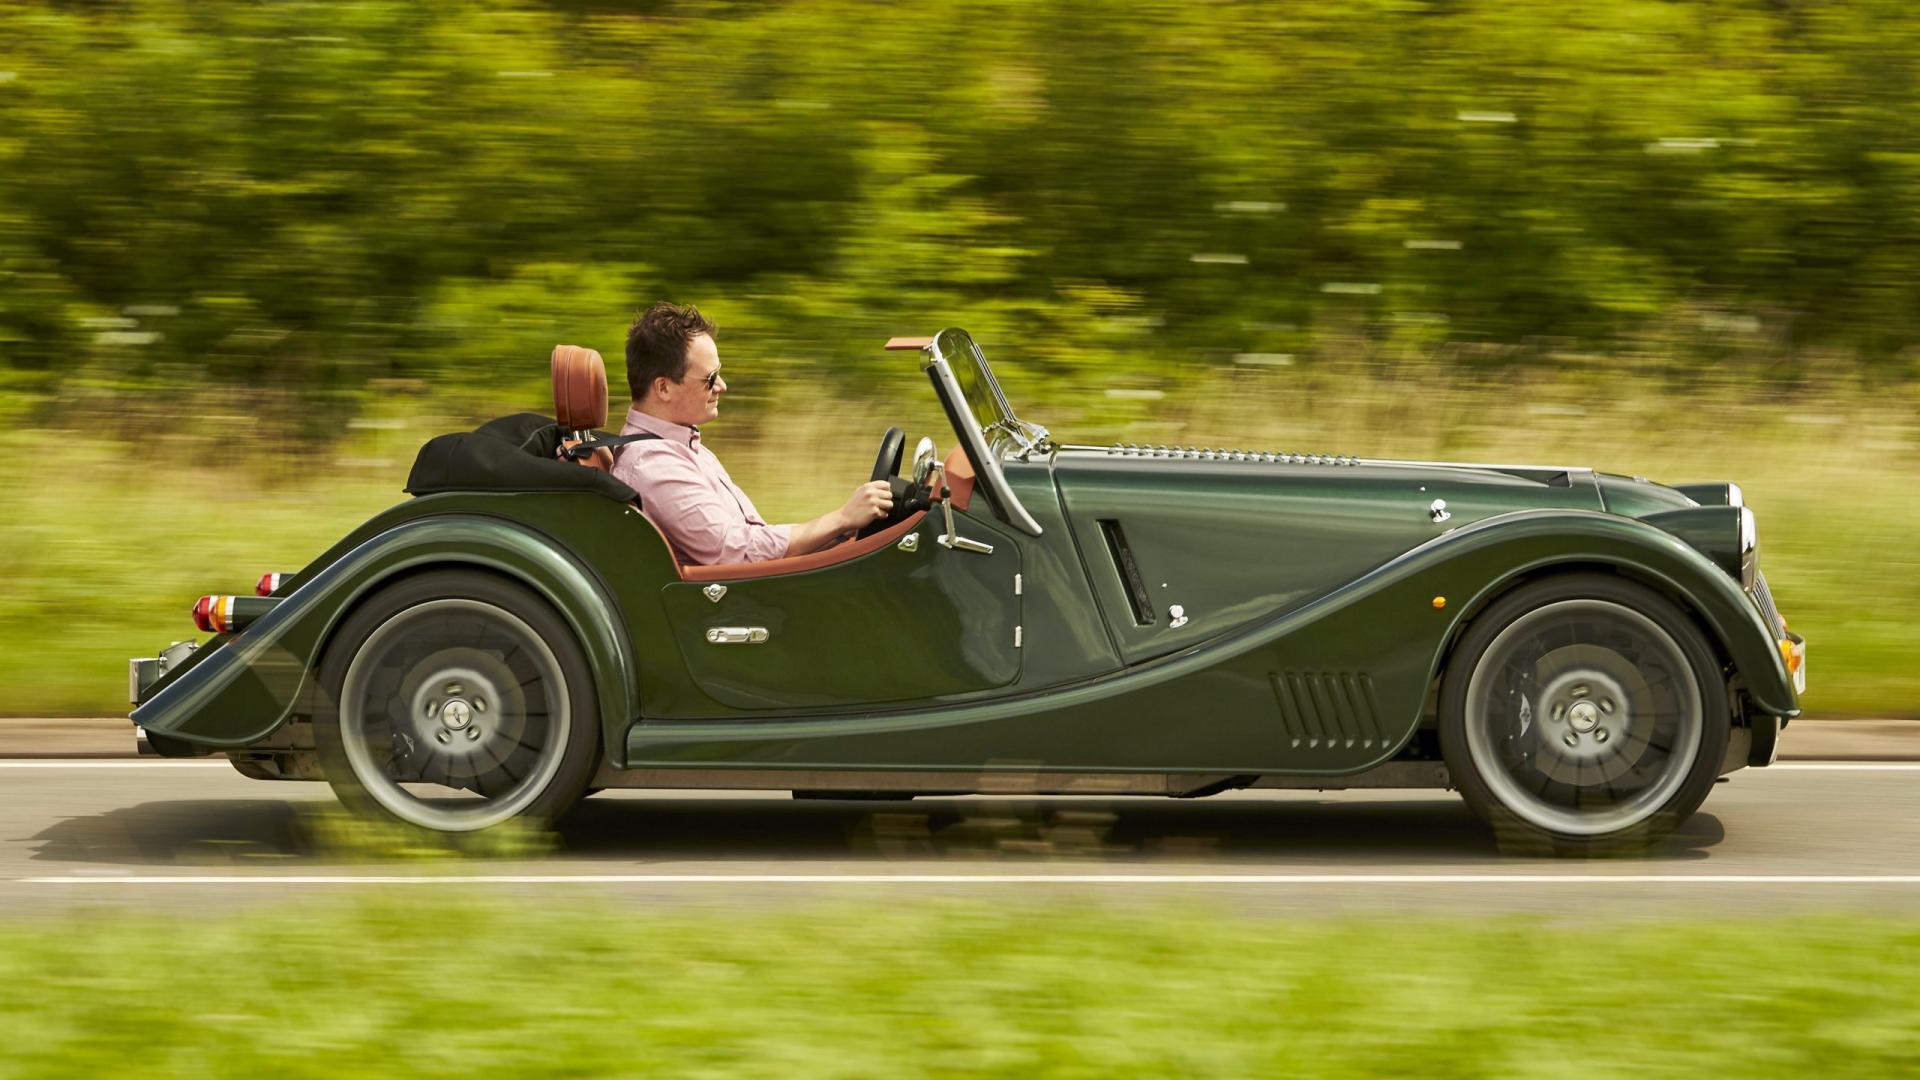 Morgan Plus Six rijder zijkant